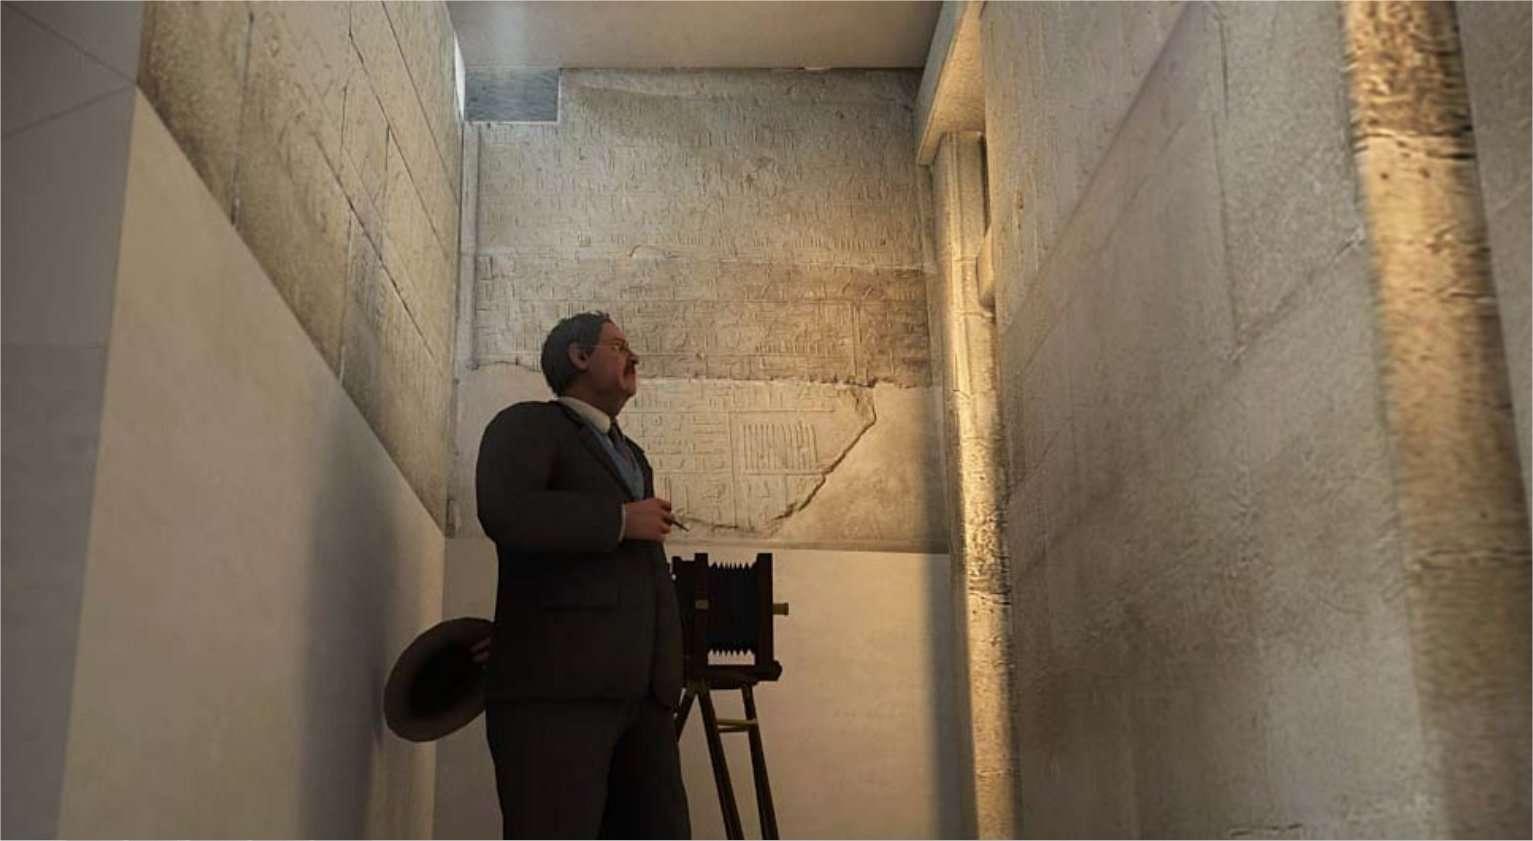 Sur Giza 3D, en suivant le guide, on entre dans les pyramides de Gizeh... © Dassault Systems/Museum of Fine Arts Boston